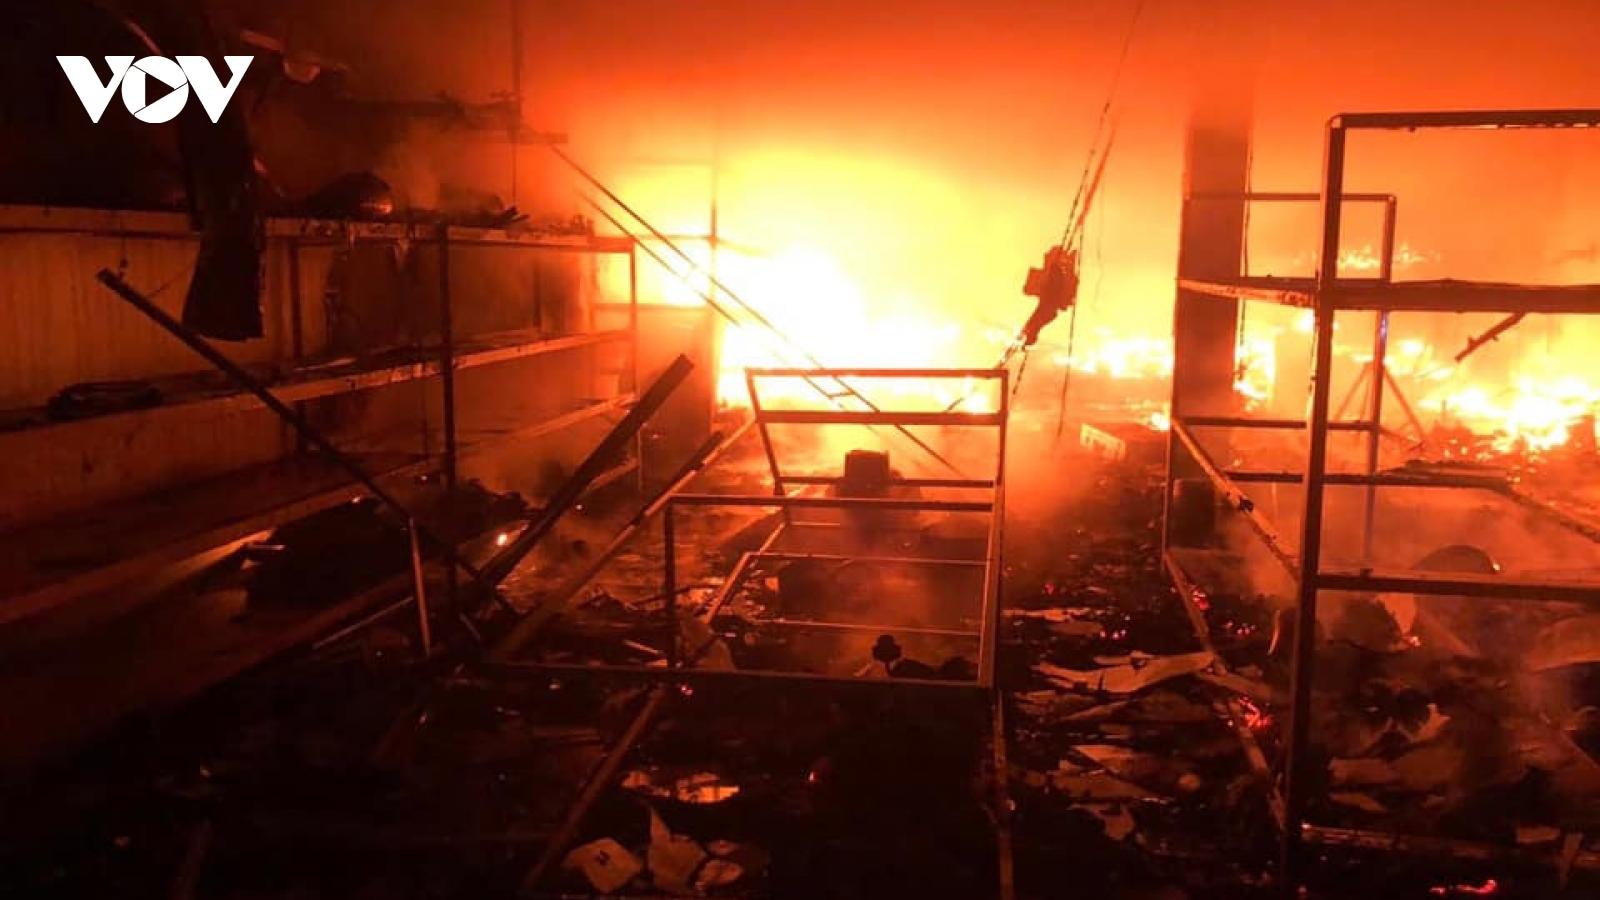 Hiện trường tan hoang sau vụ cháy kinh hoàng làm 6 người tử vong tại TP Vinh